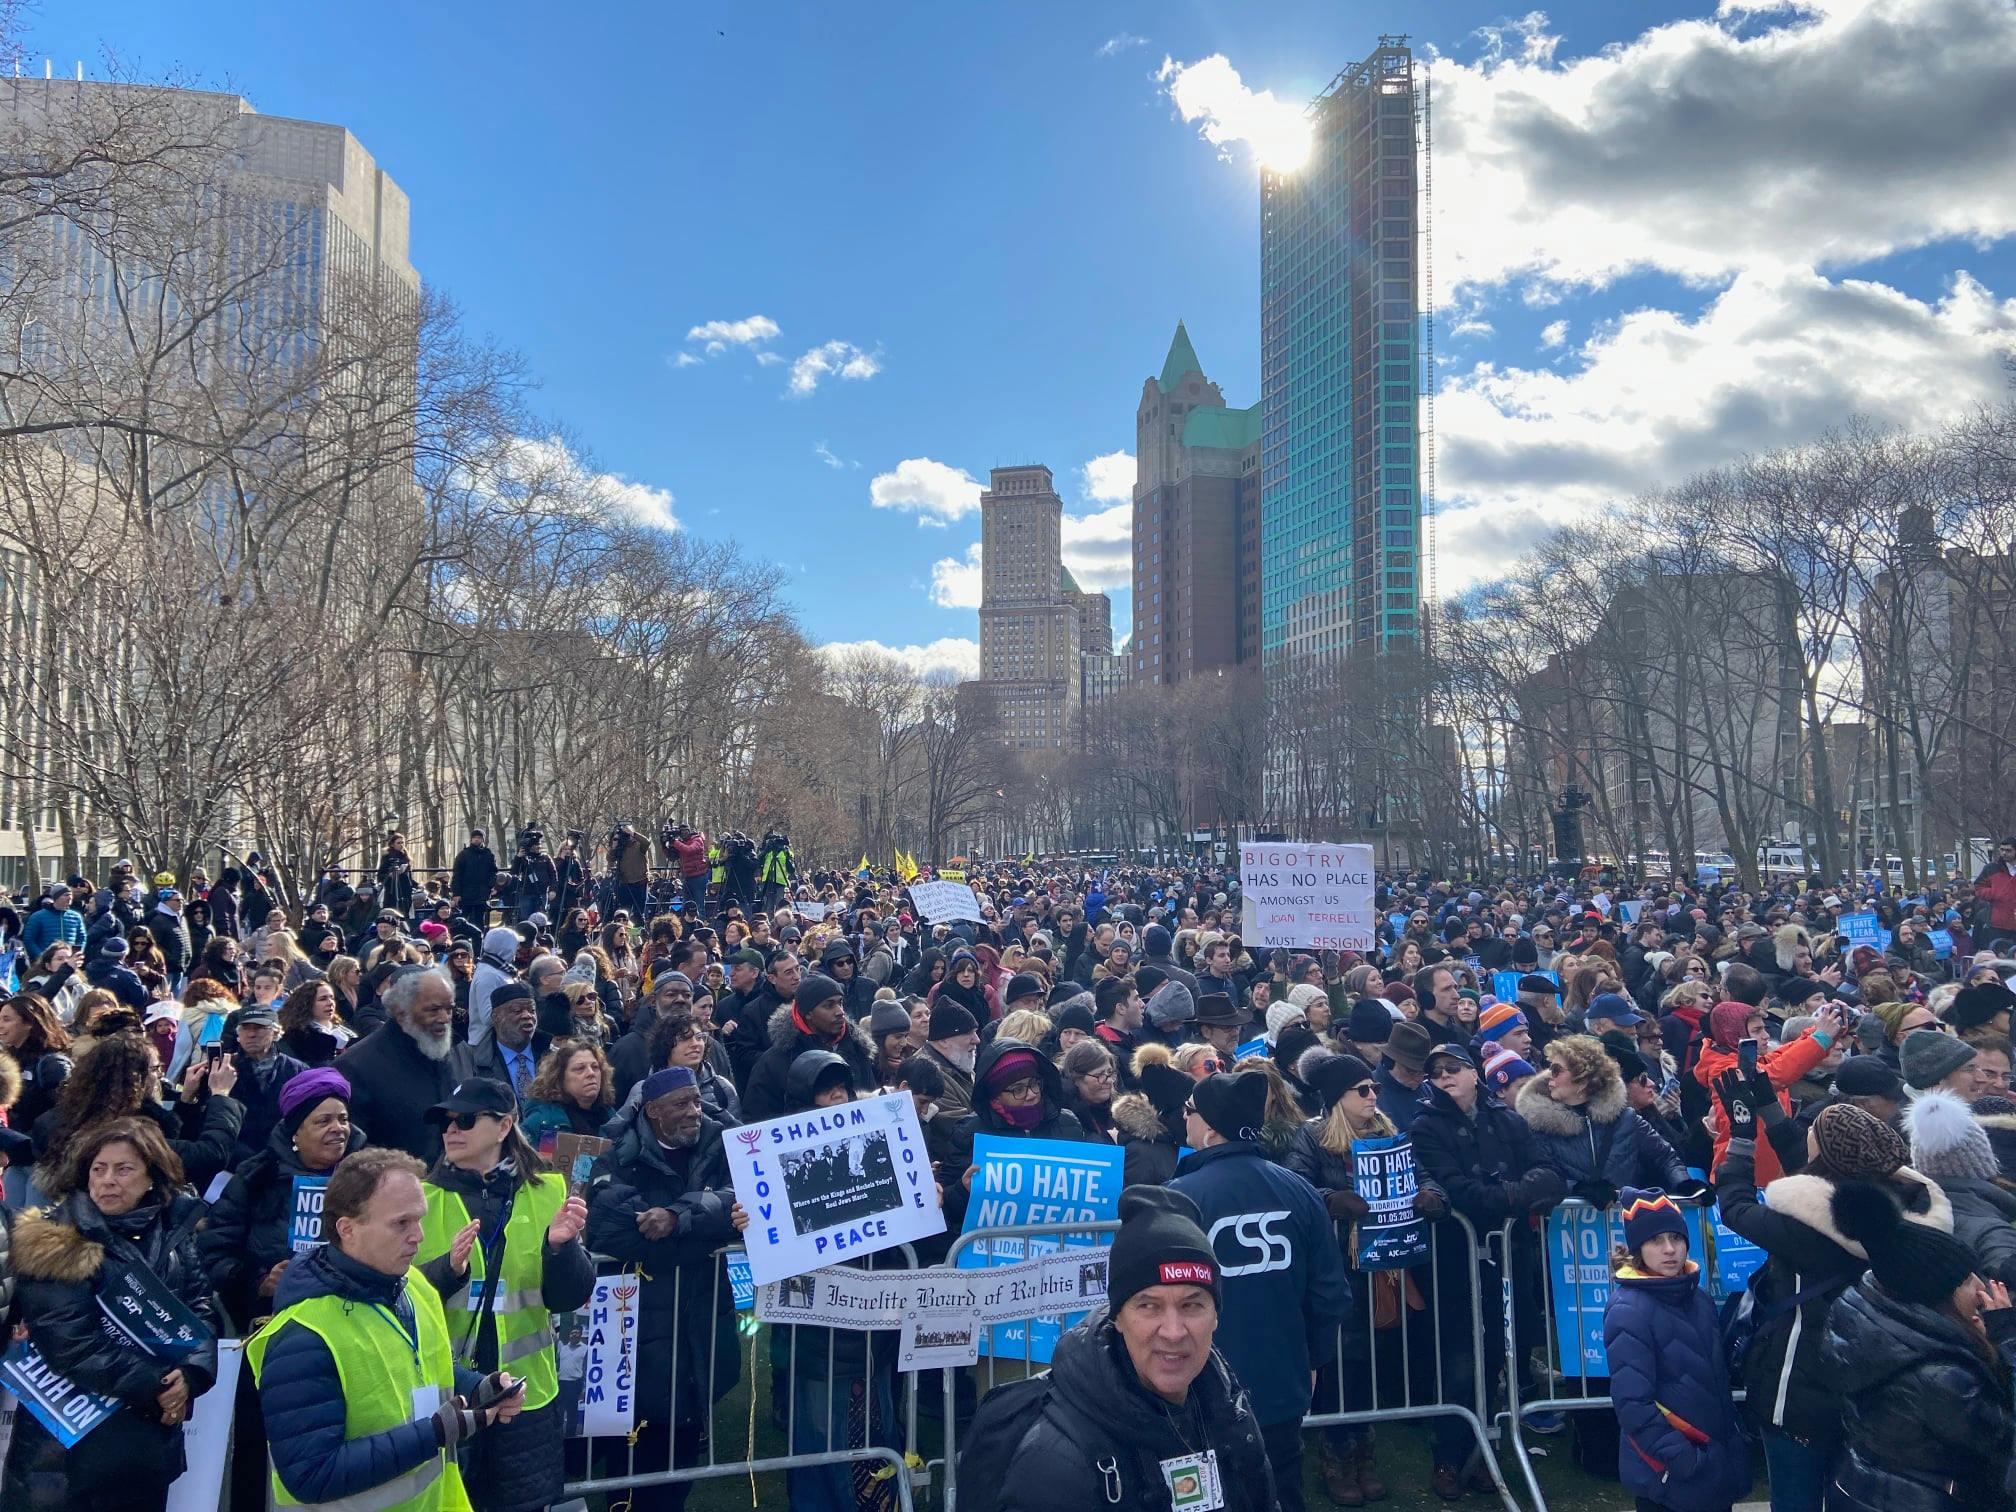 No Hate No Fear March